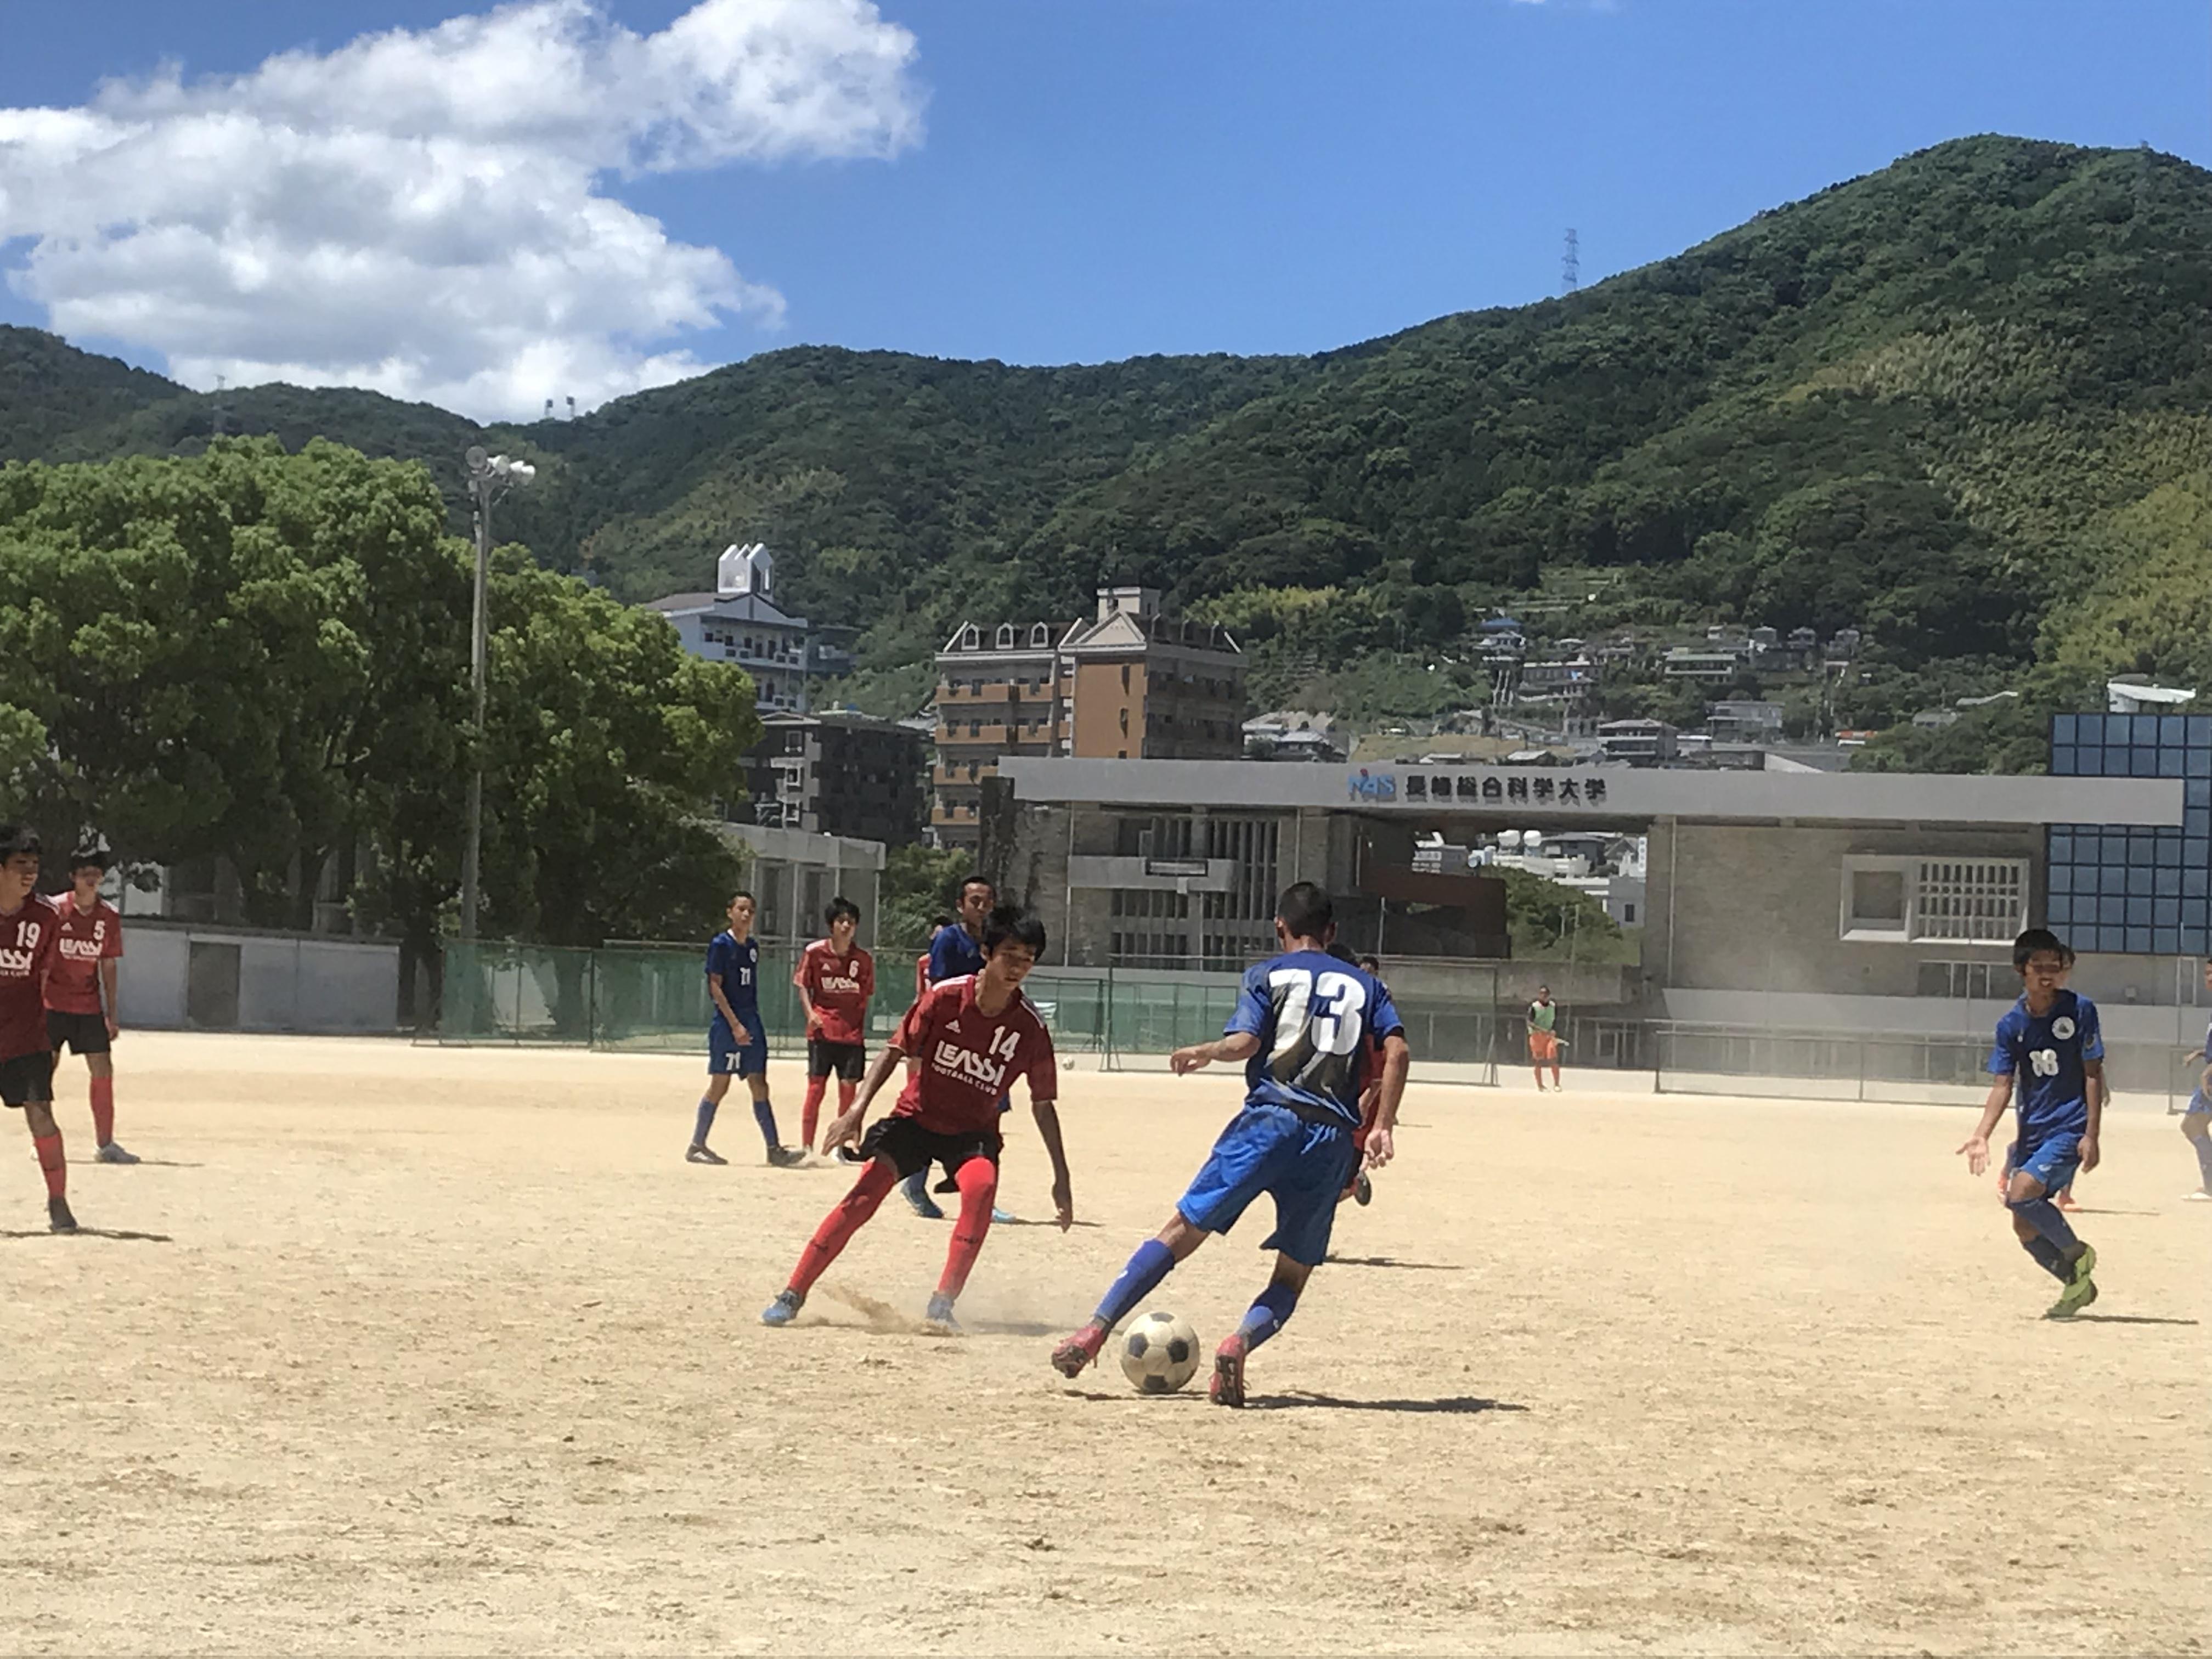 ジュニアユーストップ 長崎遠征2日目 vs 長崎総合科学大学付属高校